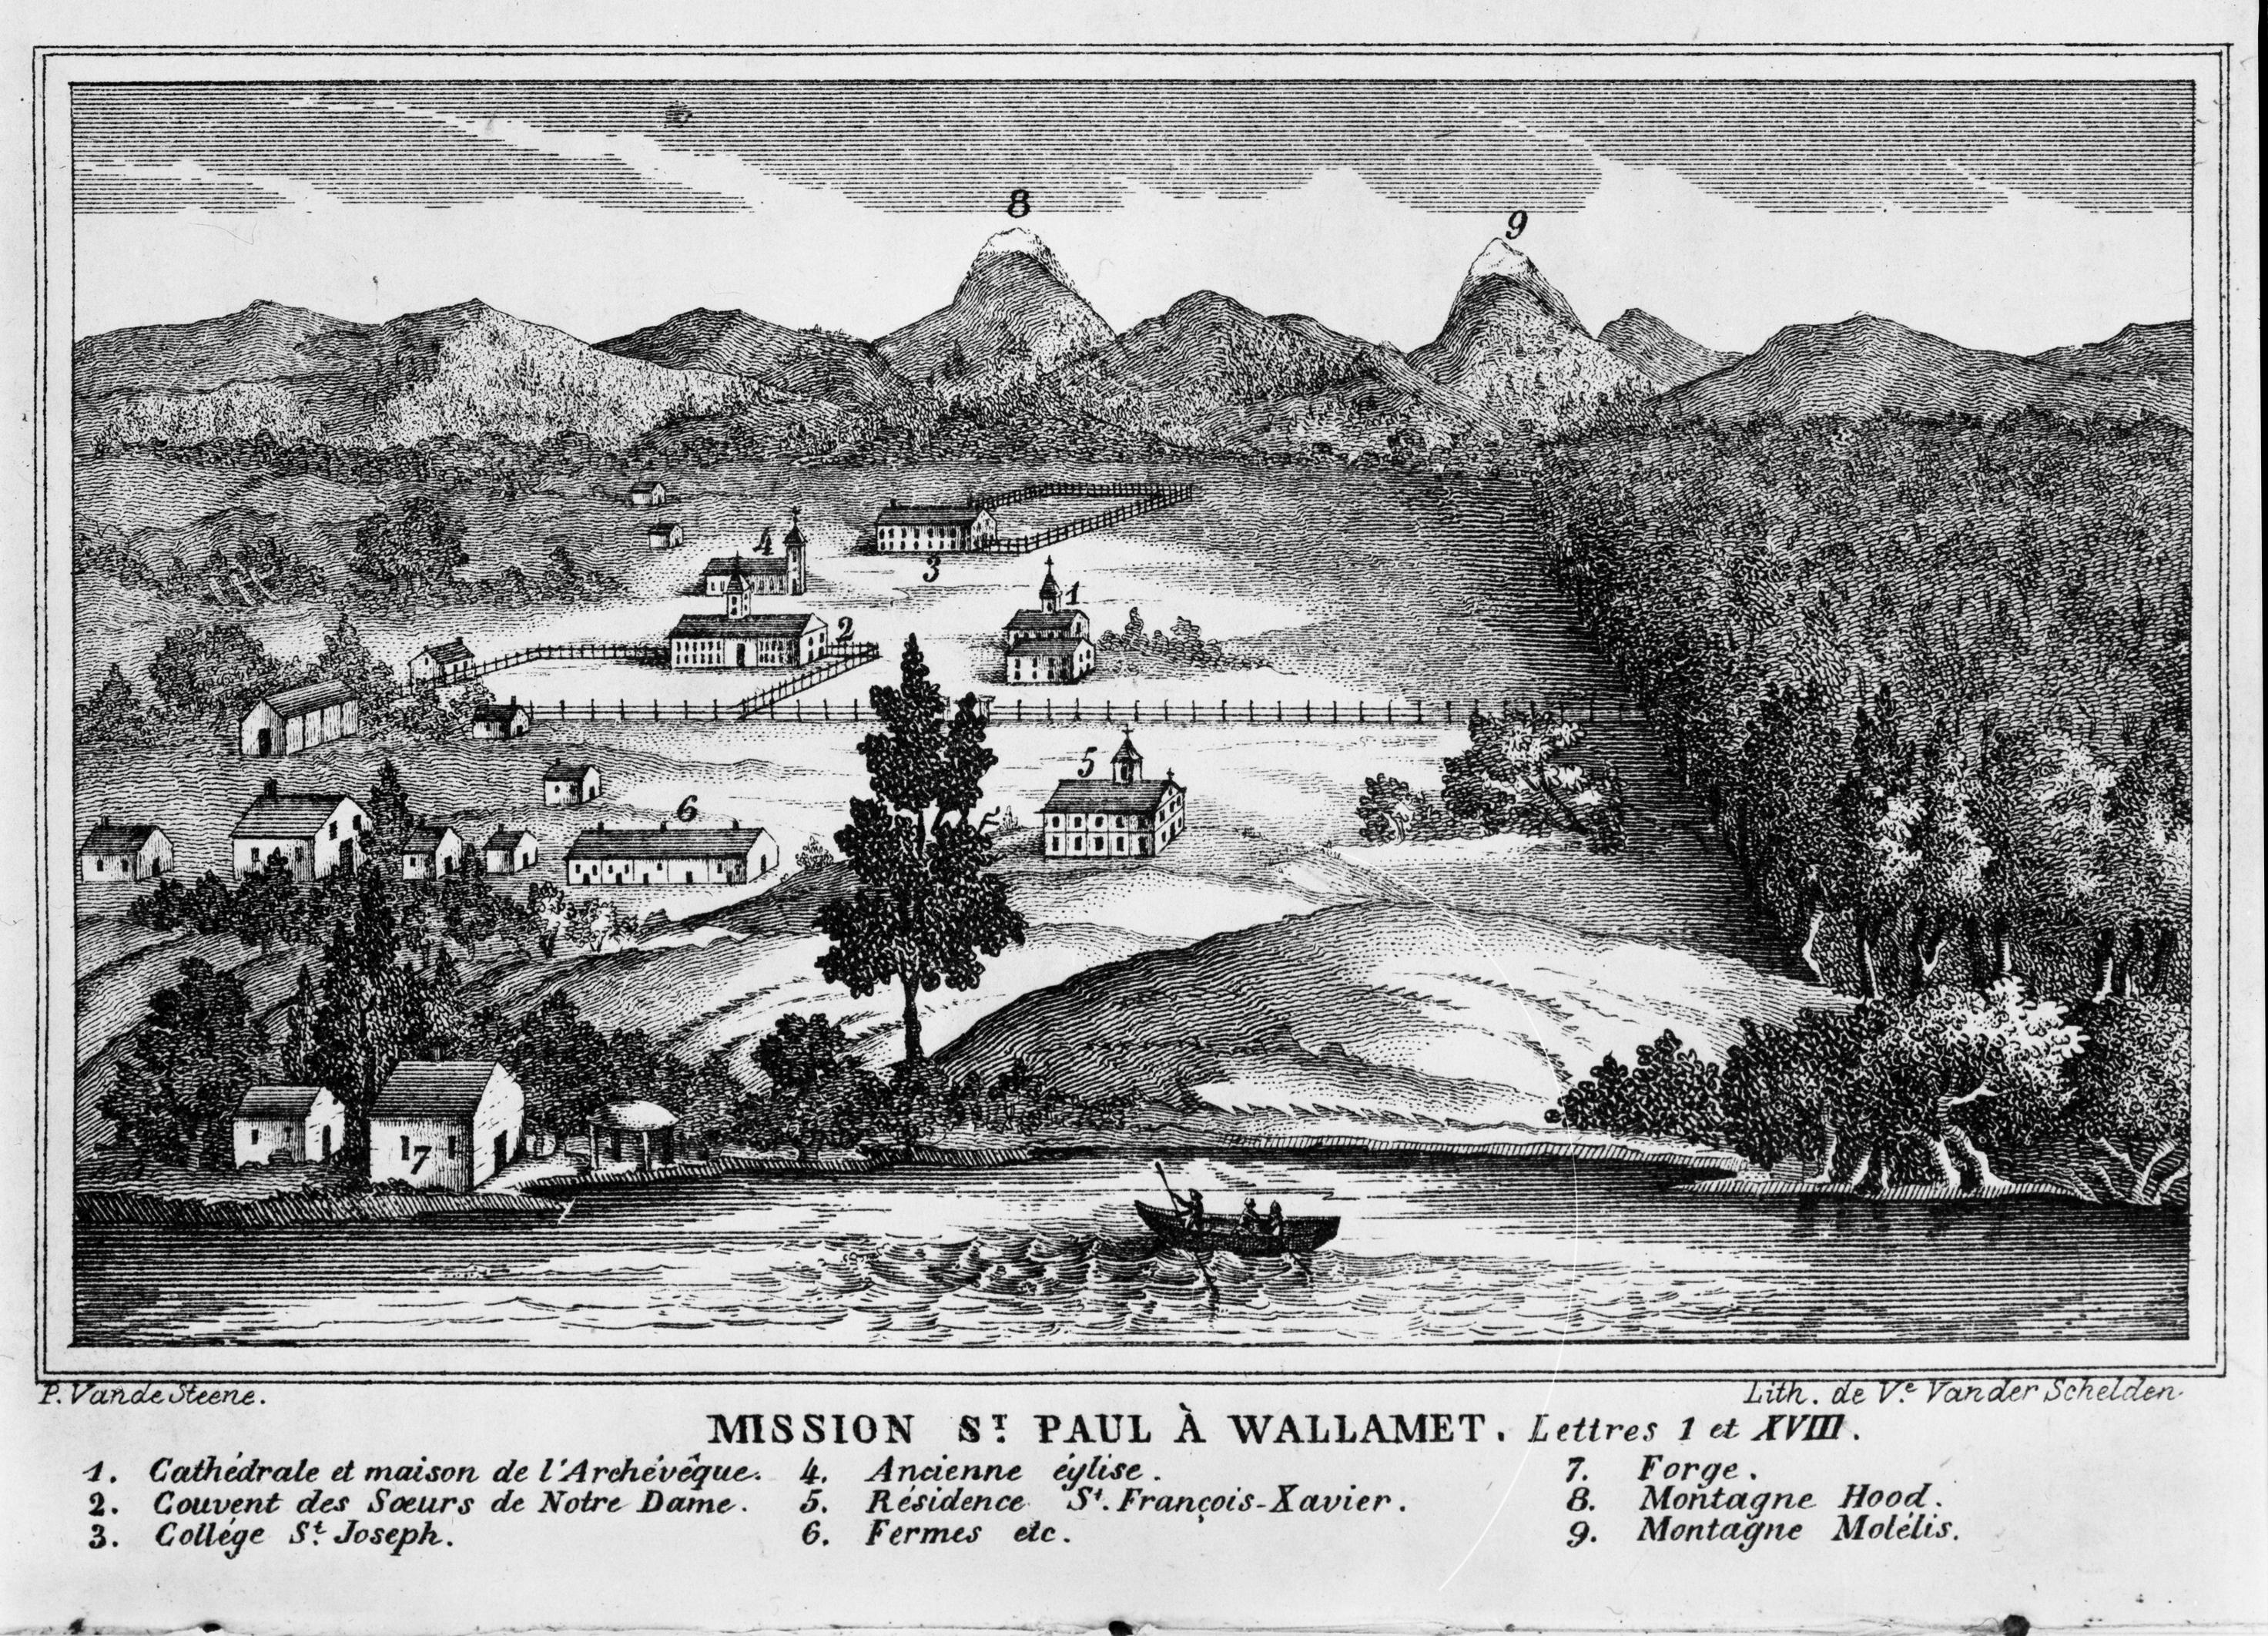 Willamette River - Oregon encyclopedia